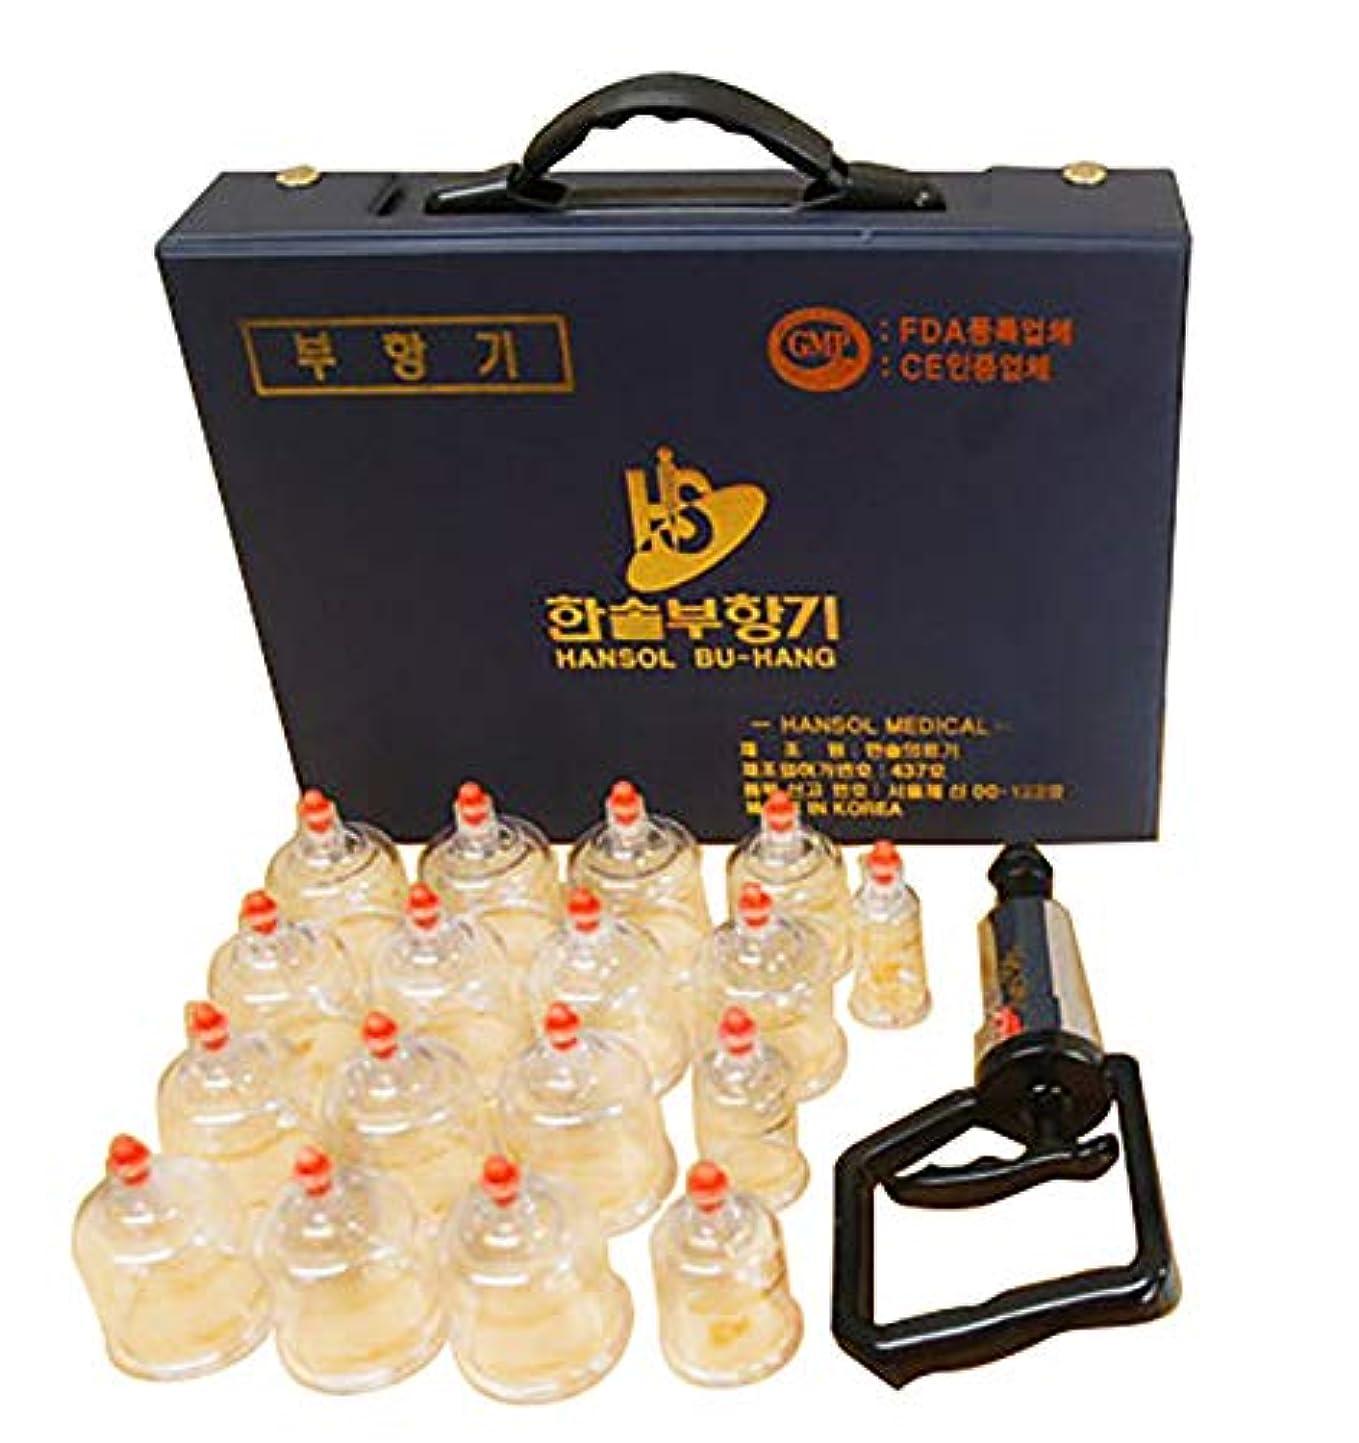 わずかな関与する金額中国四千年の健康法「吸玉」がご家庭で手軽にできる!ハンソルメディカル ブハン カッピングカップ17個セット